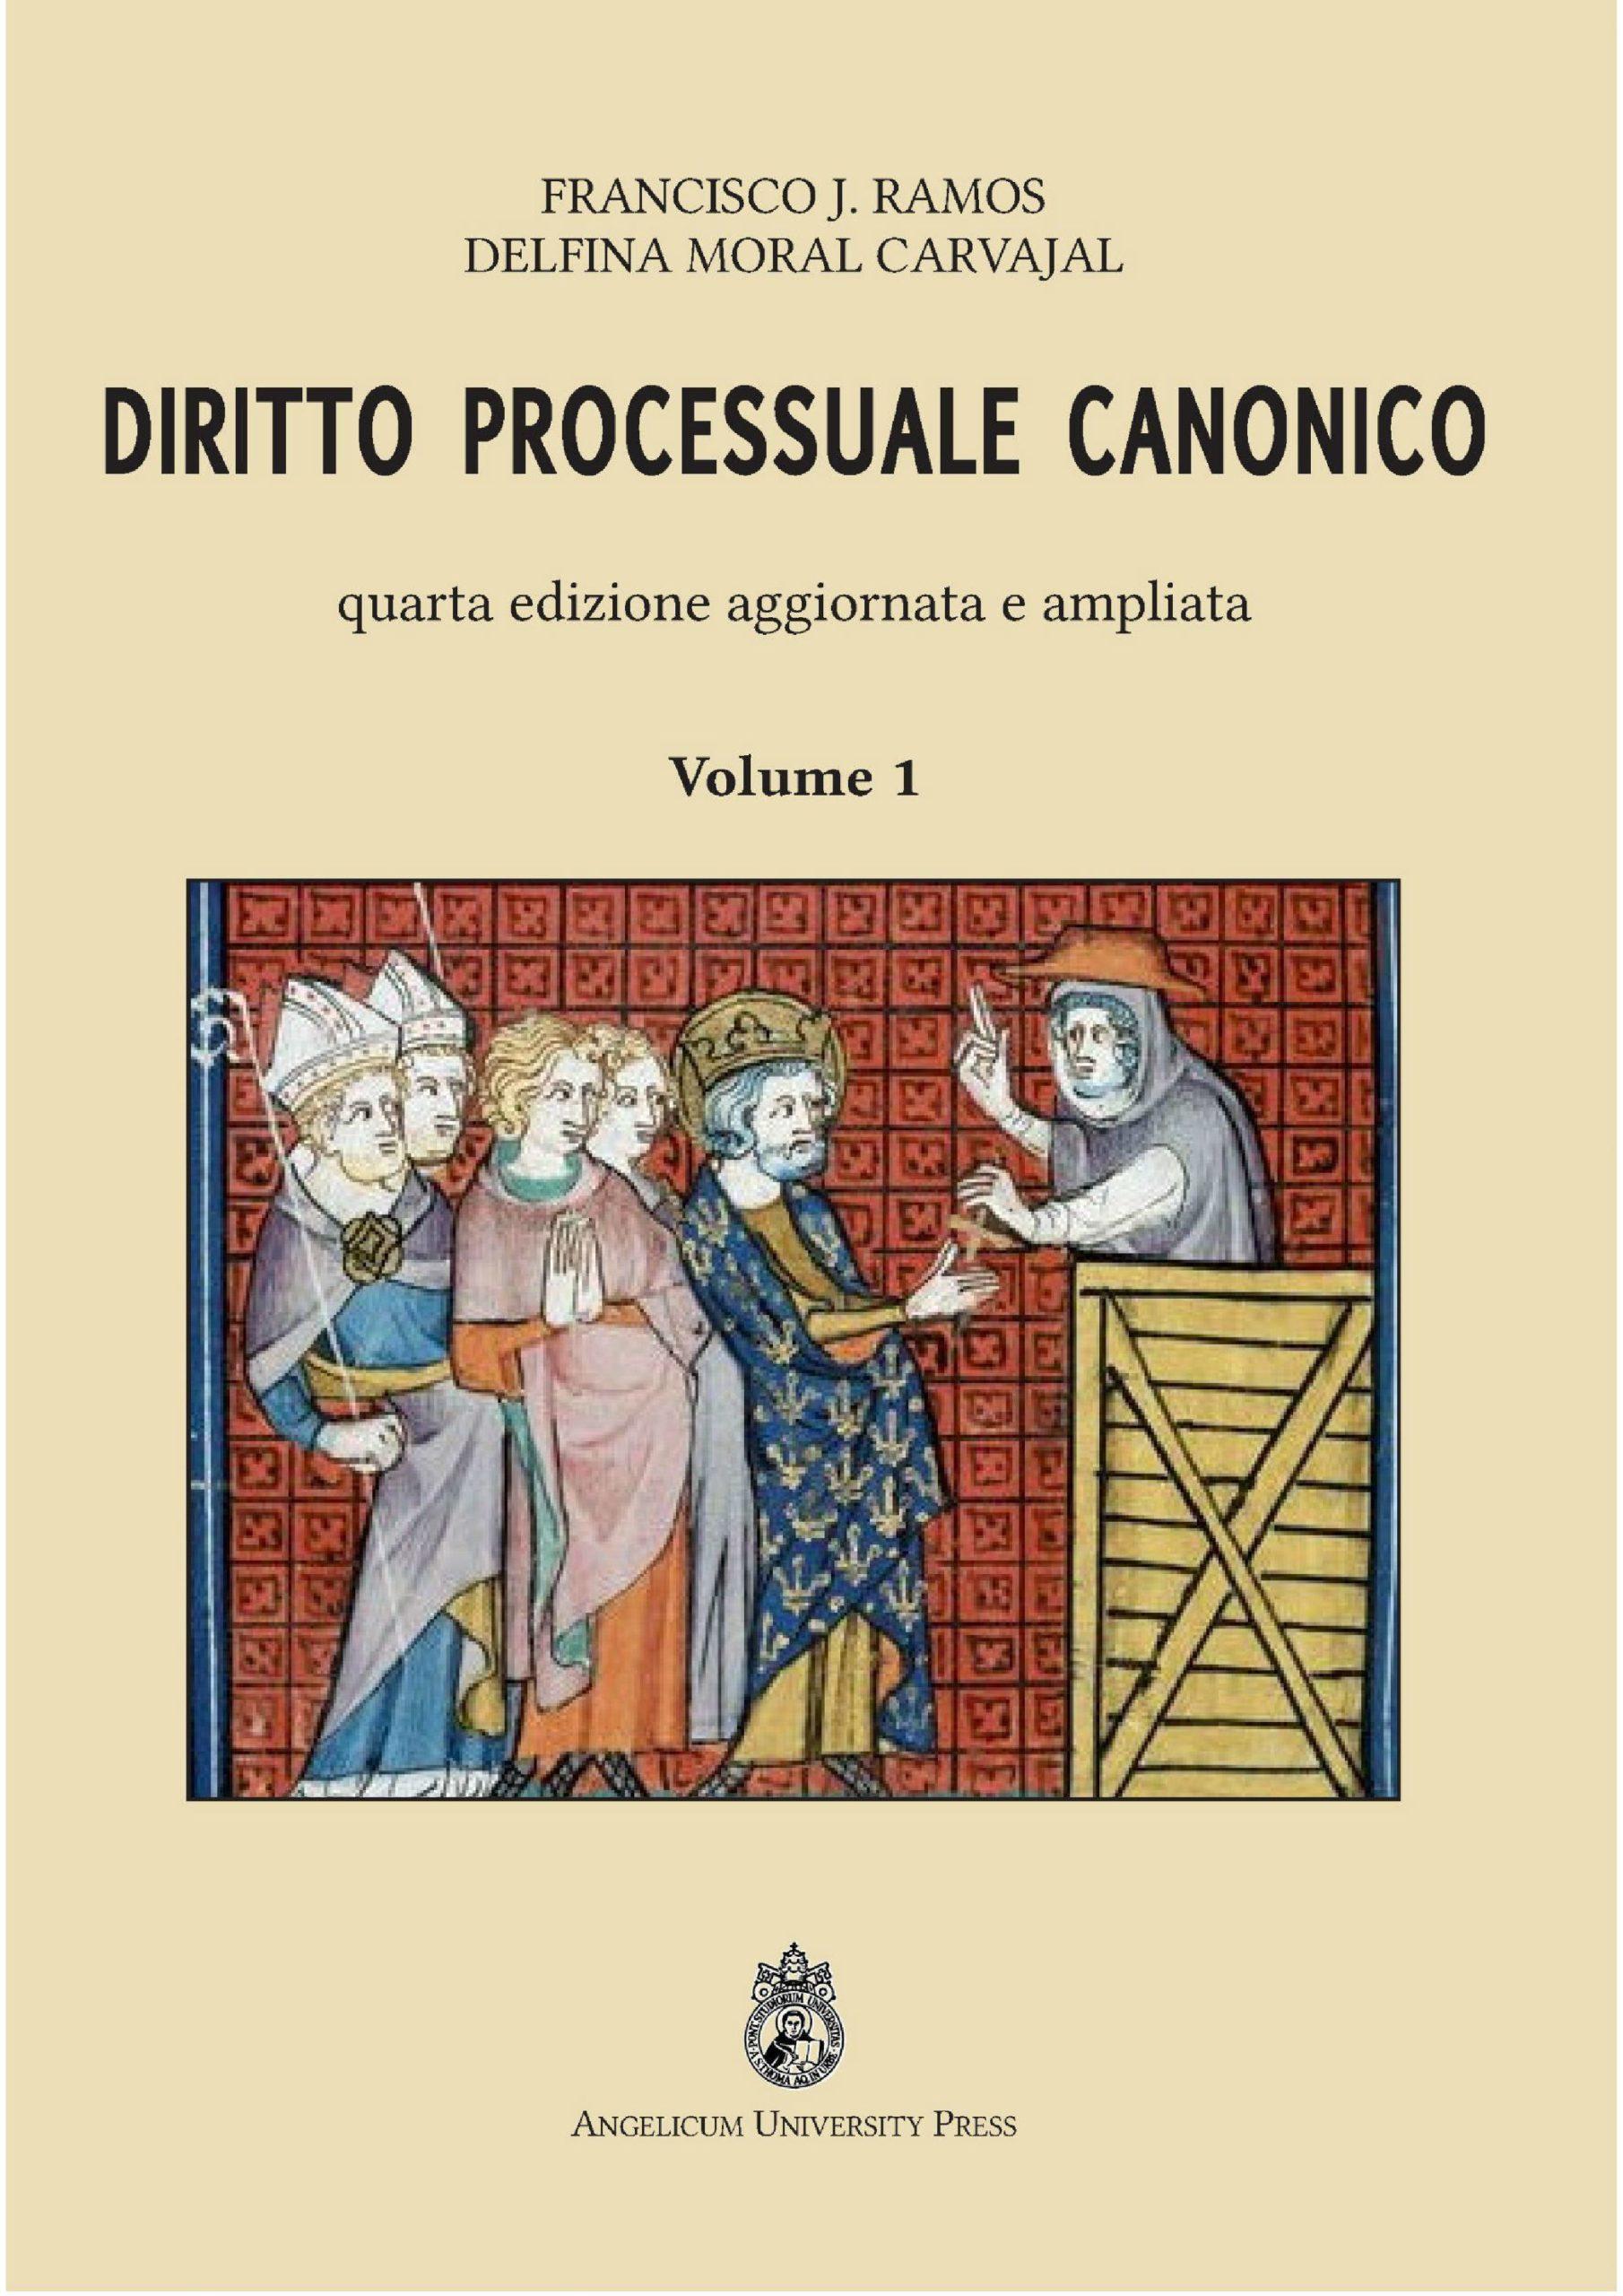 Diritto processuale canonico book cover